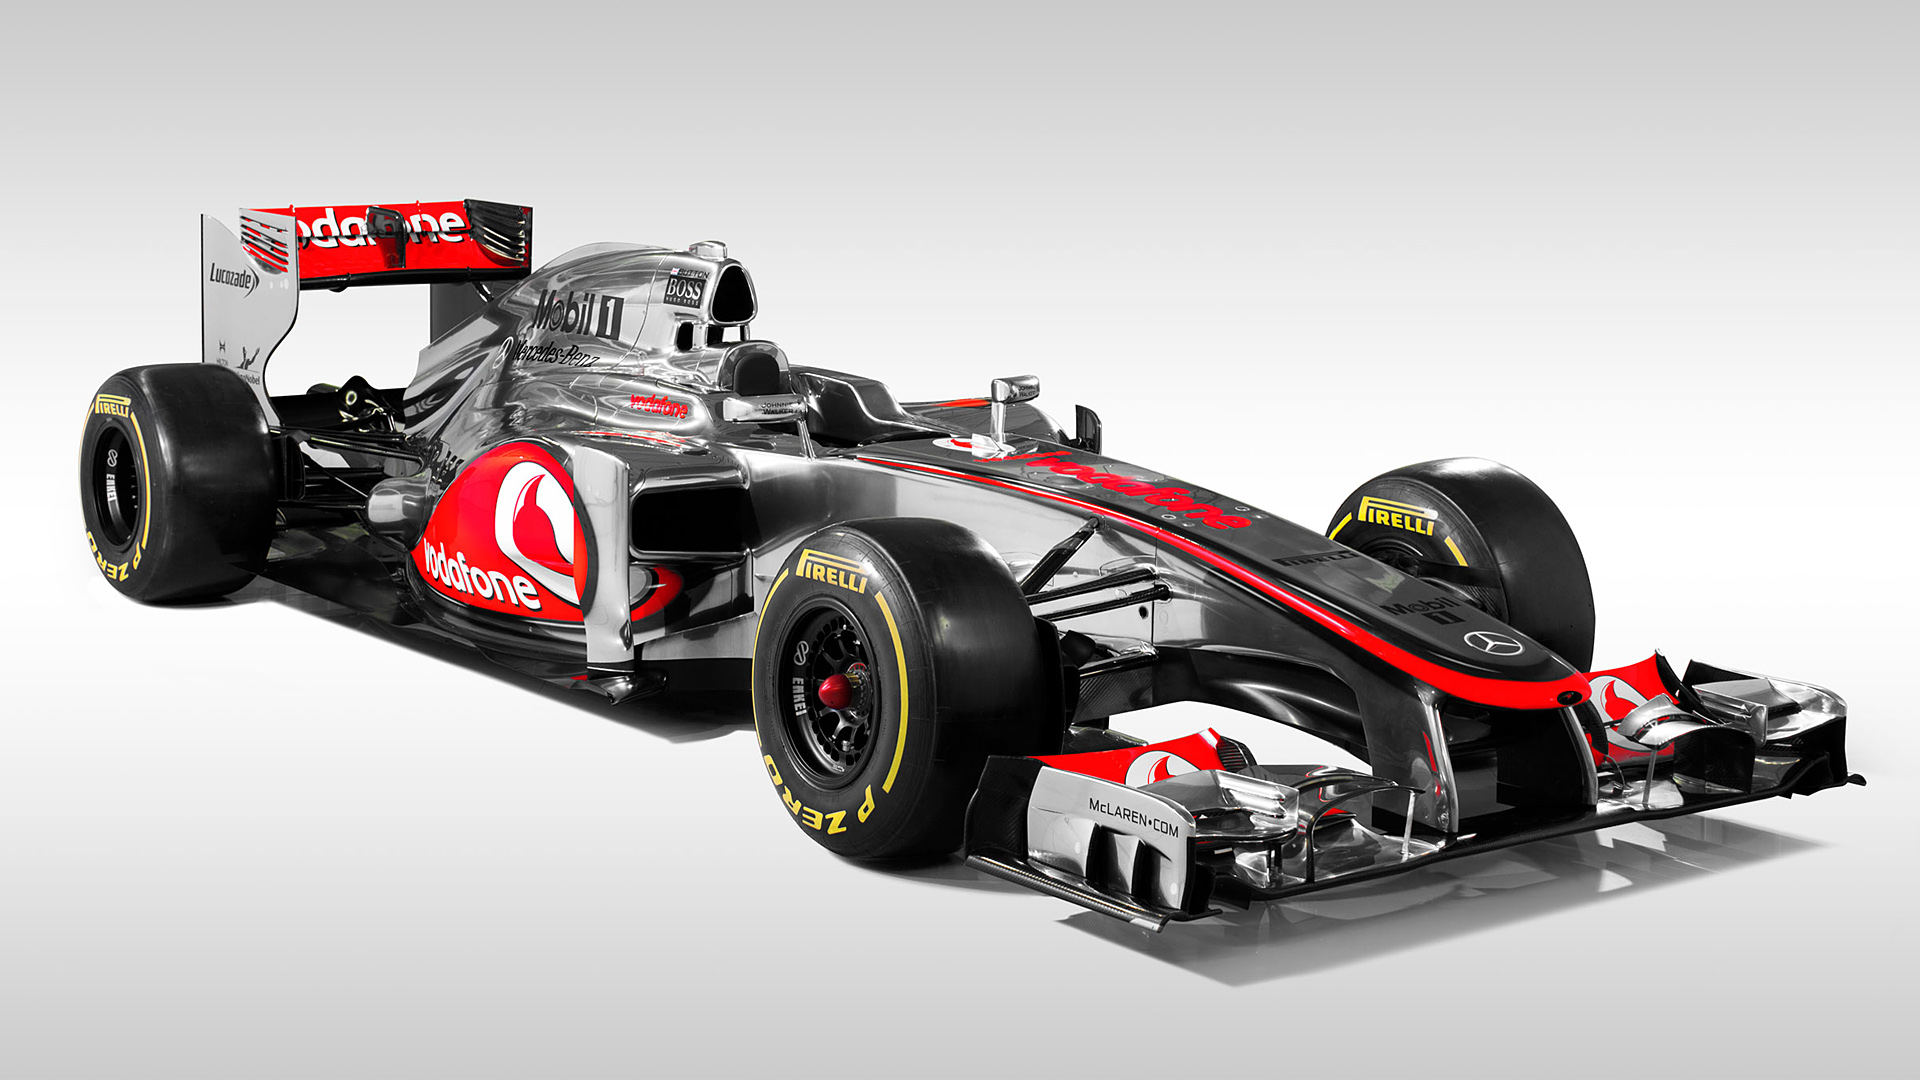 2012 McLaren MP4-27